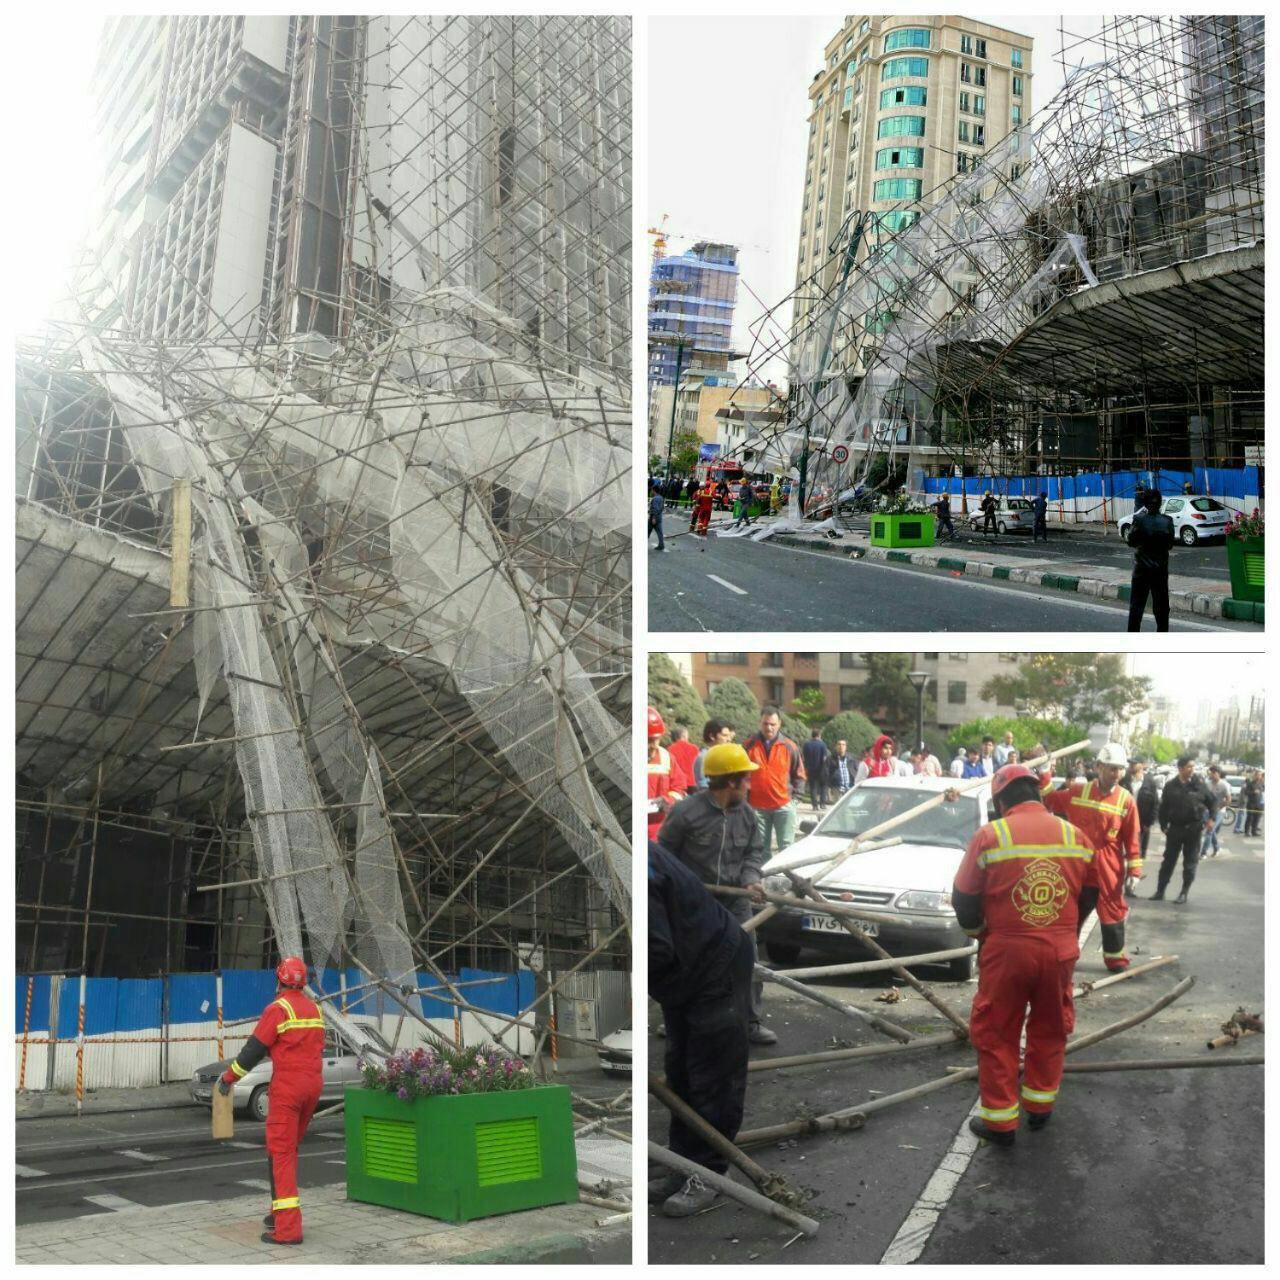 سقوط داربست ساختمان ۱۰ طبقه در سعادتآباد +عکس